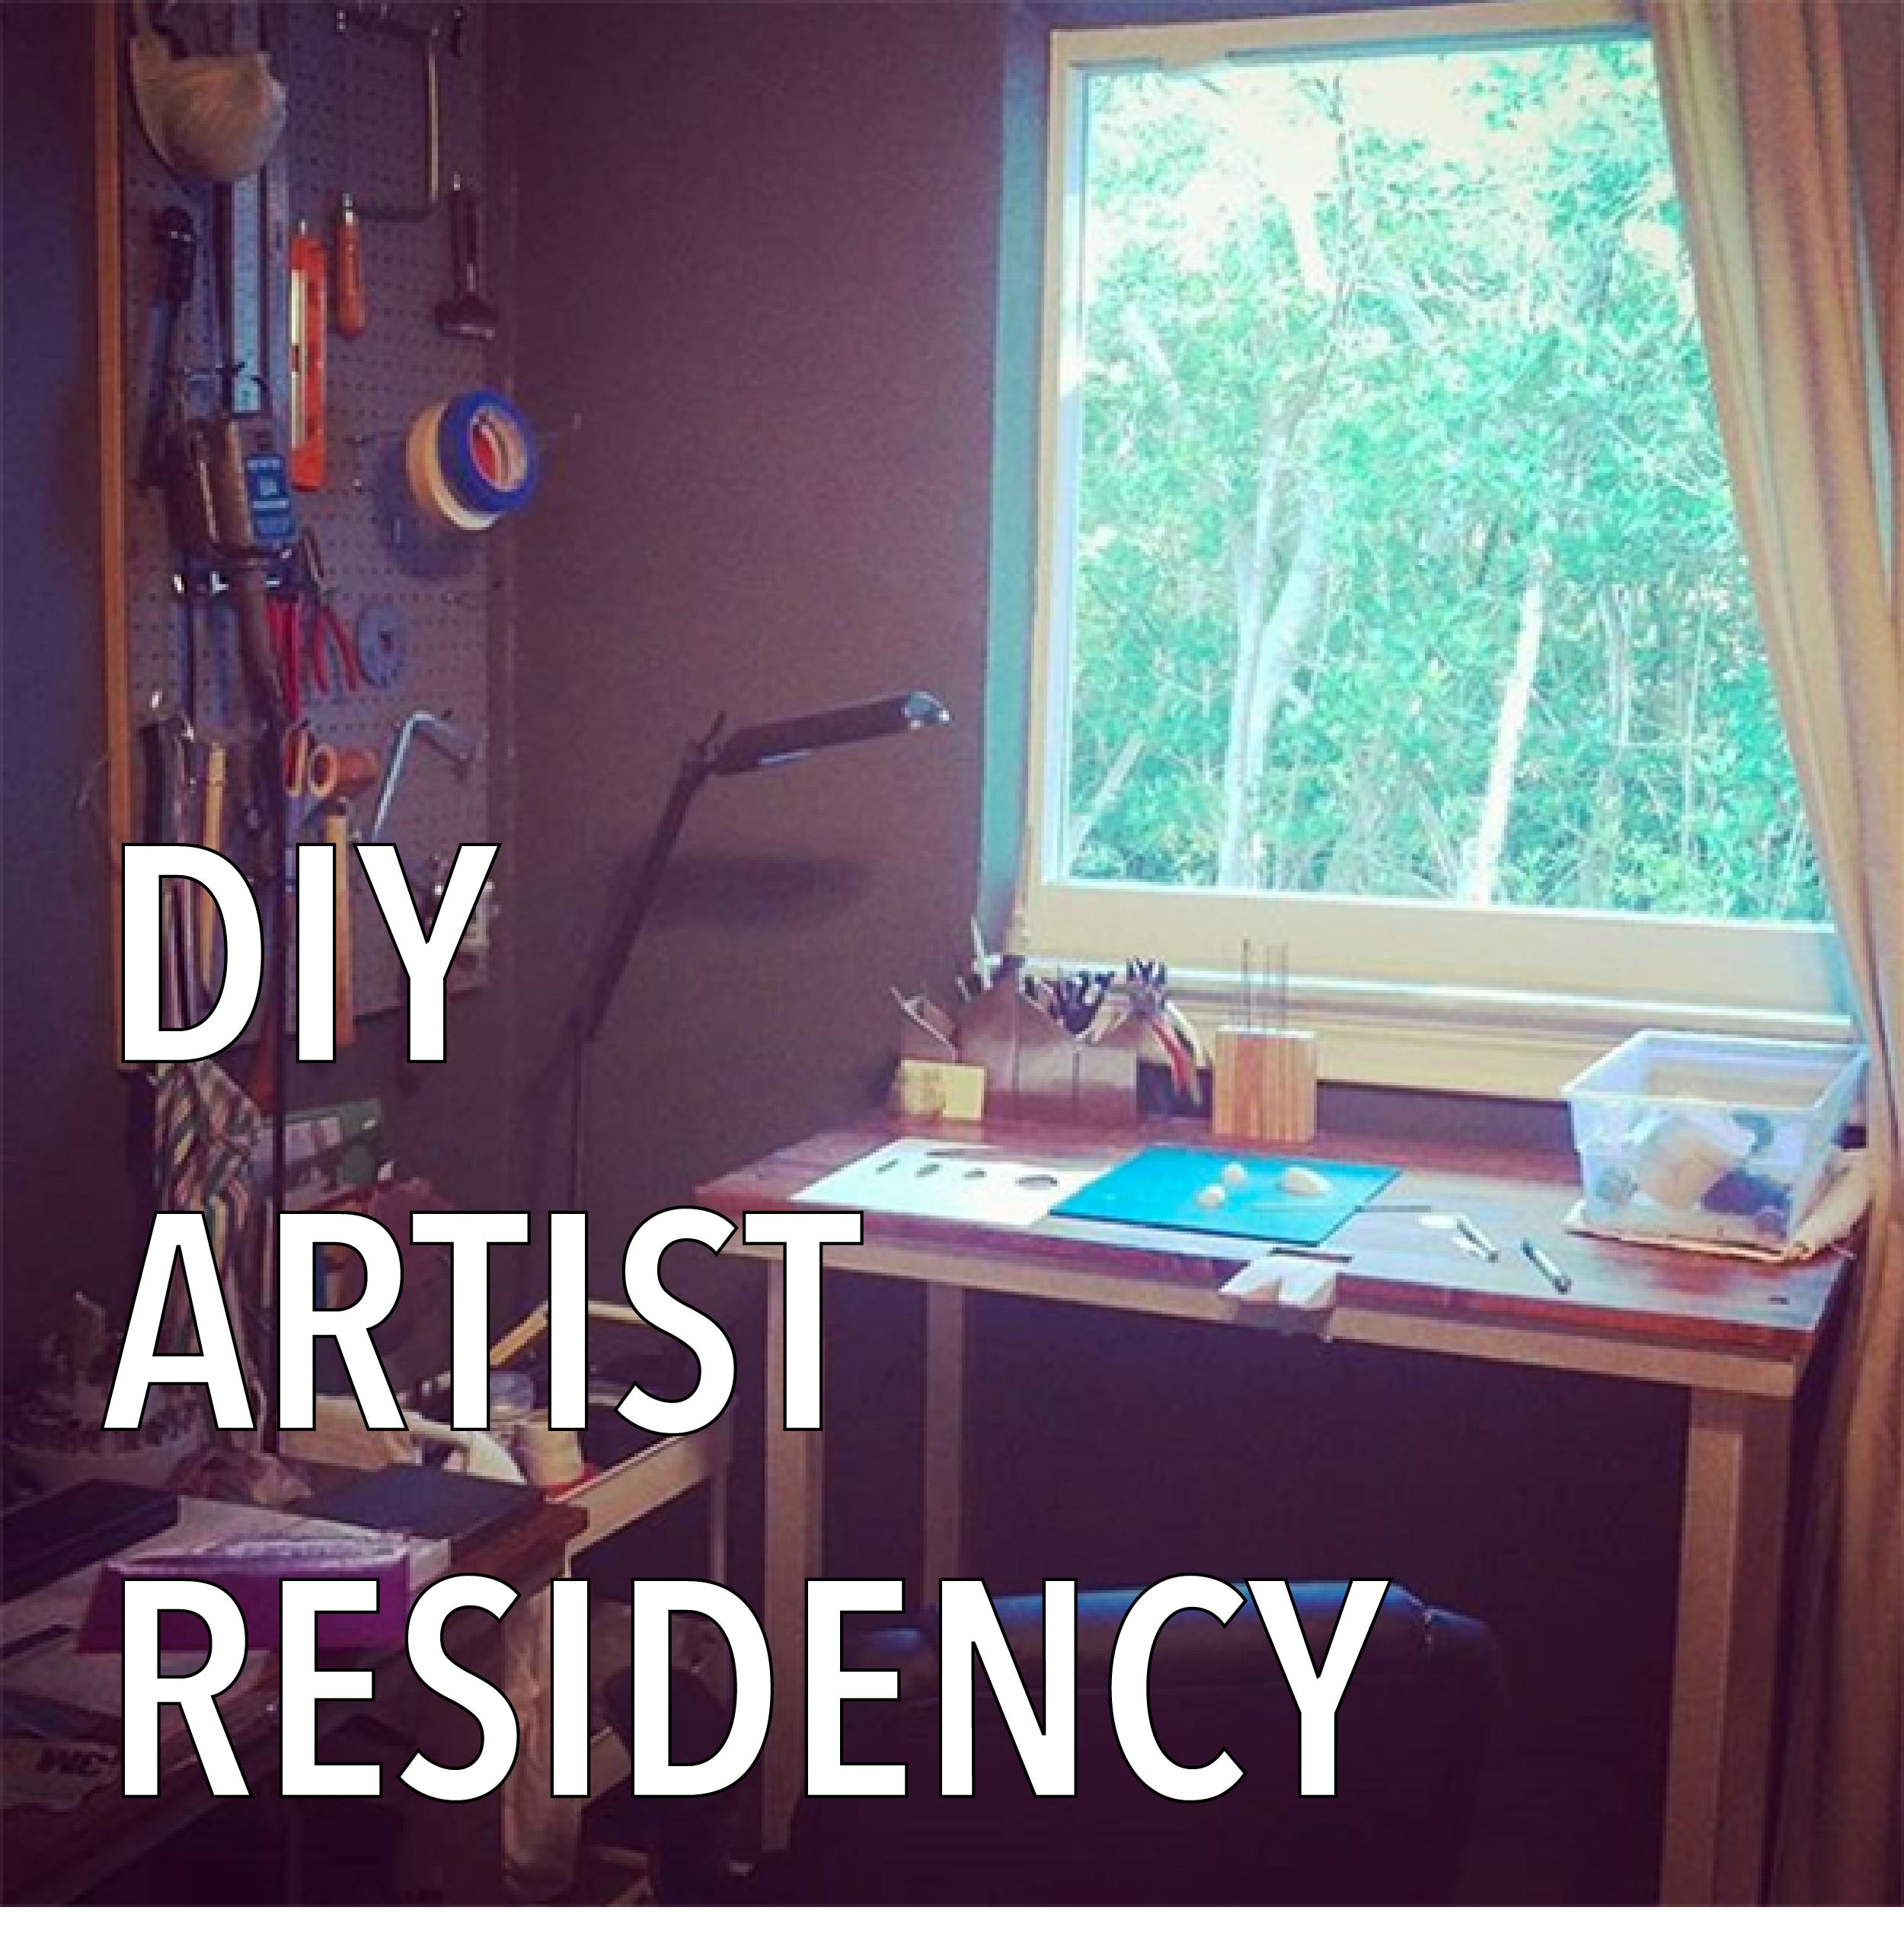 DIY Residency thumb.jpg